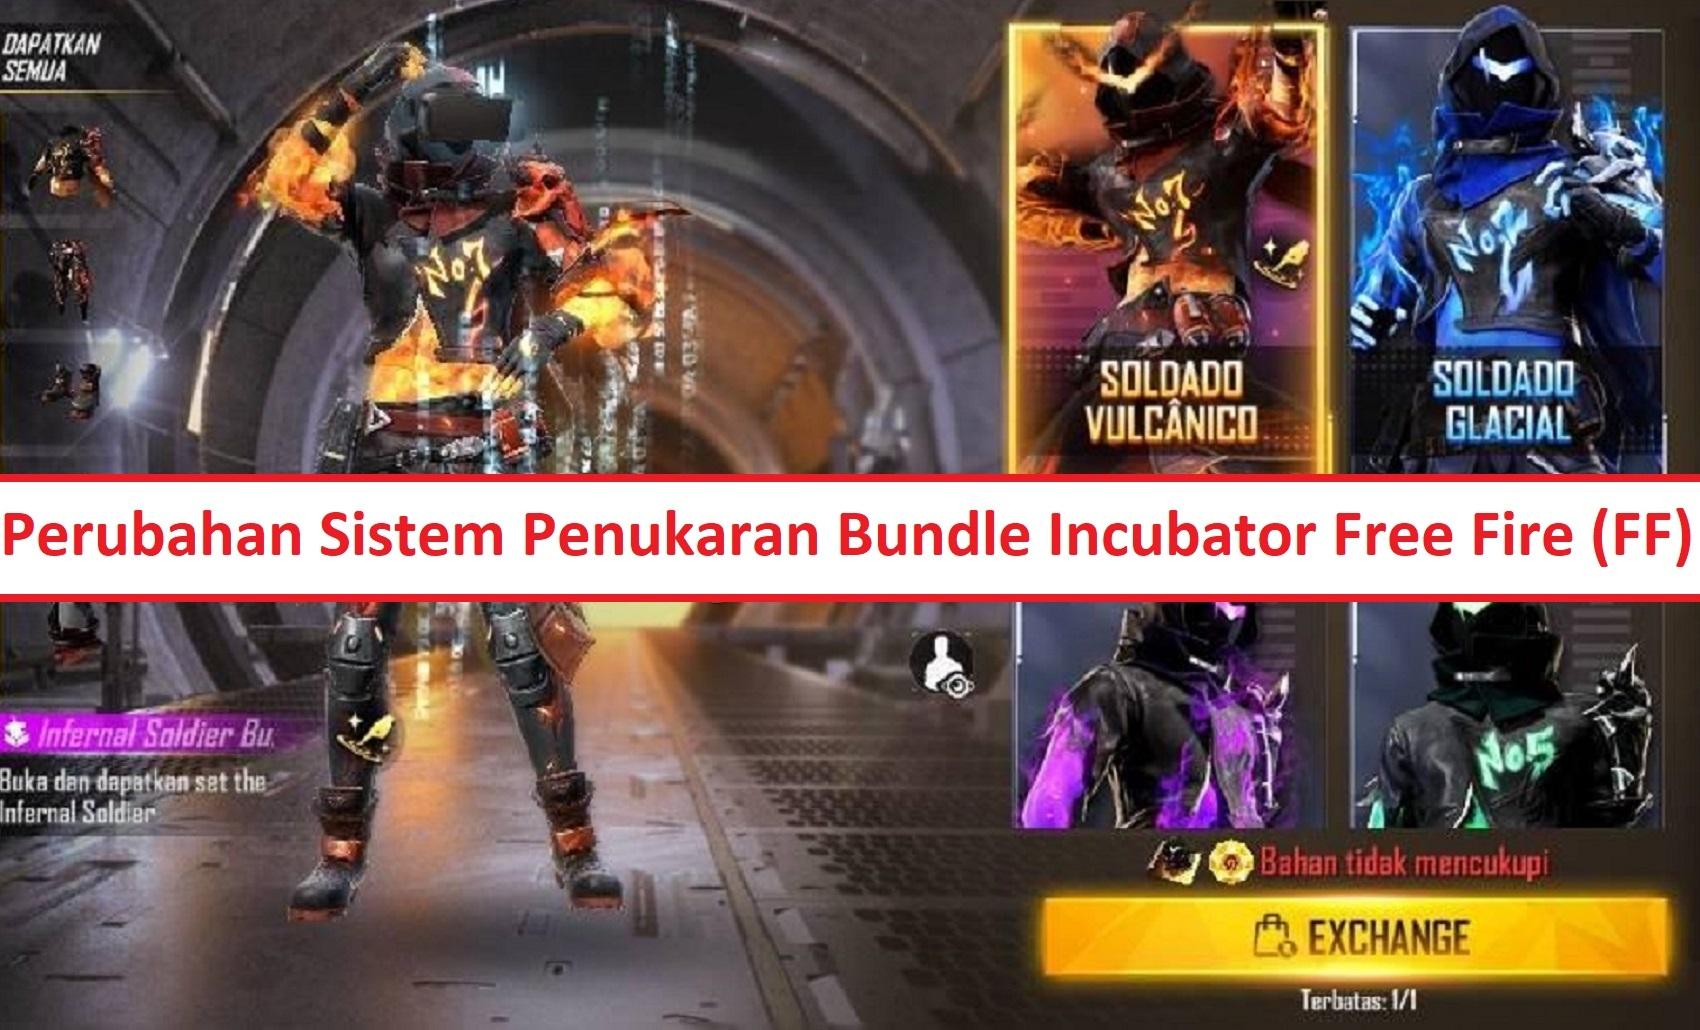 Perubahan Sistem Penukaran Bundle Incubator Free Fire Ff Esportsku